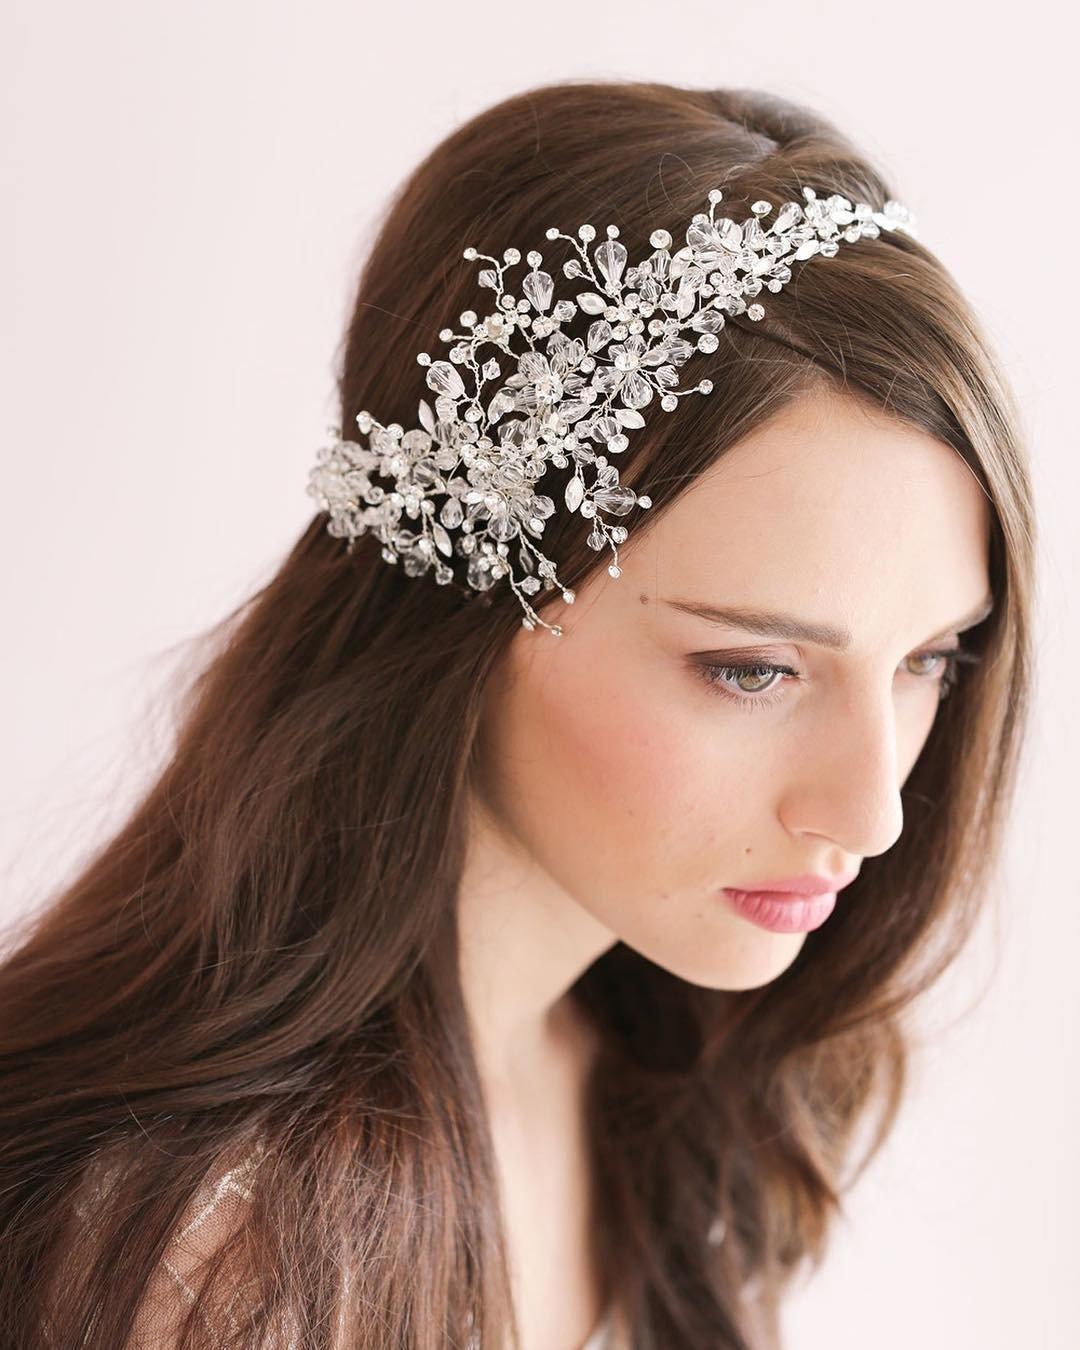 Аксессуары для волос свадебные своими руками